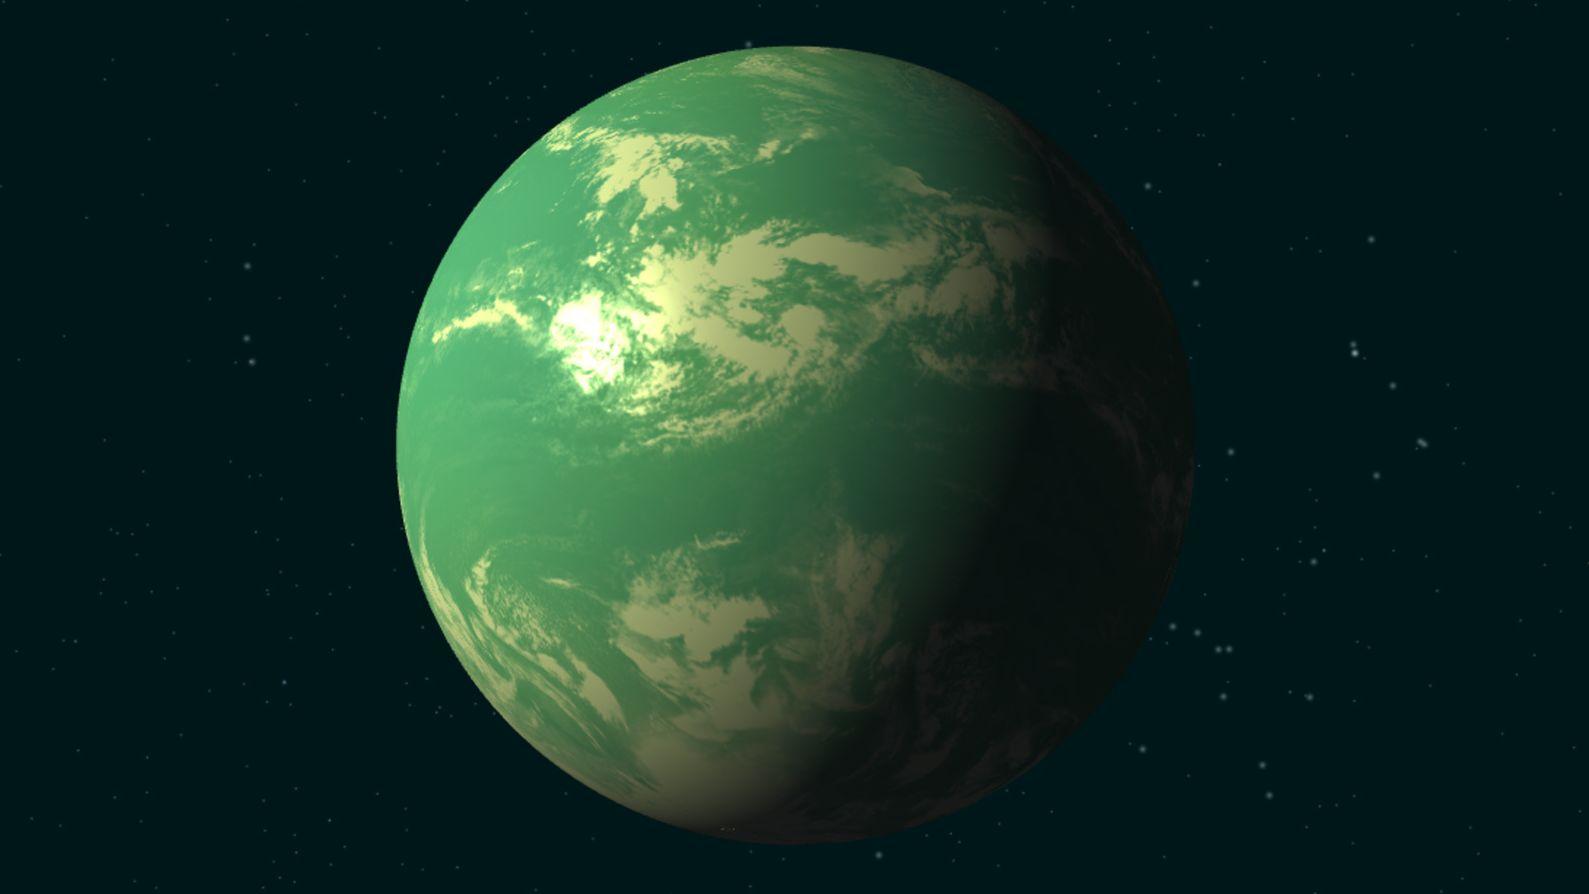 惑星の「居住可能性」とは何を意味するのか?